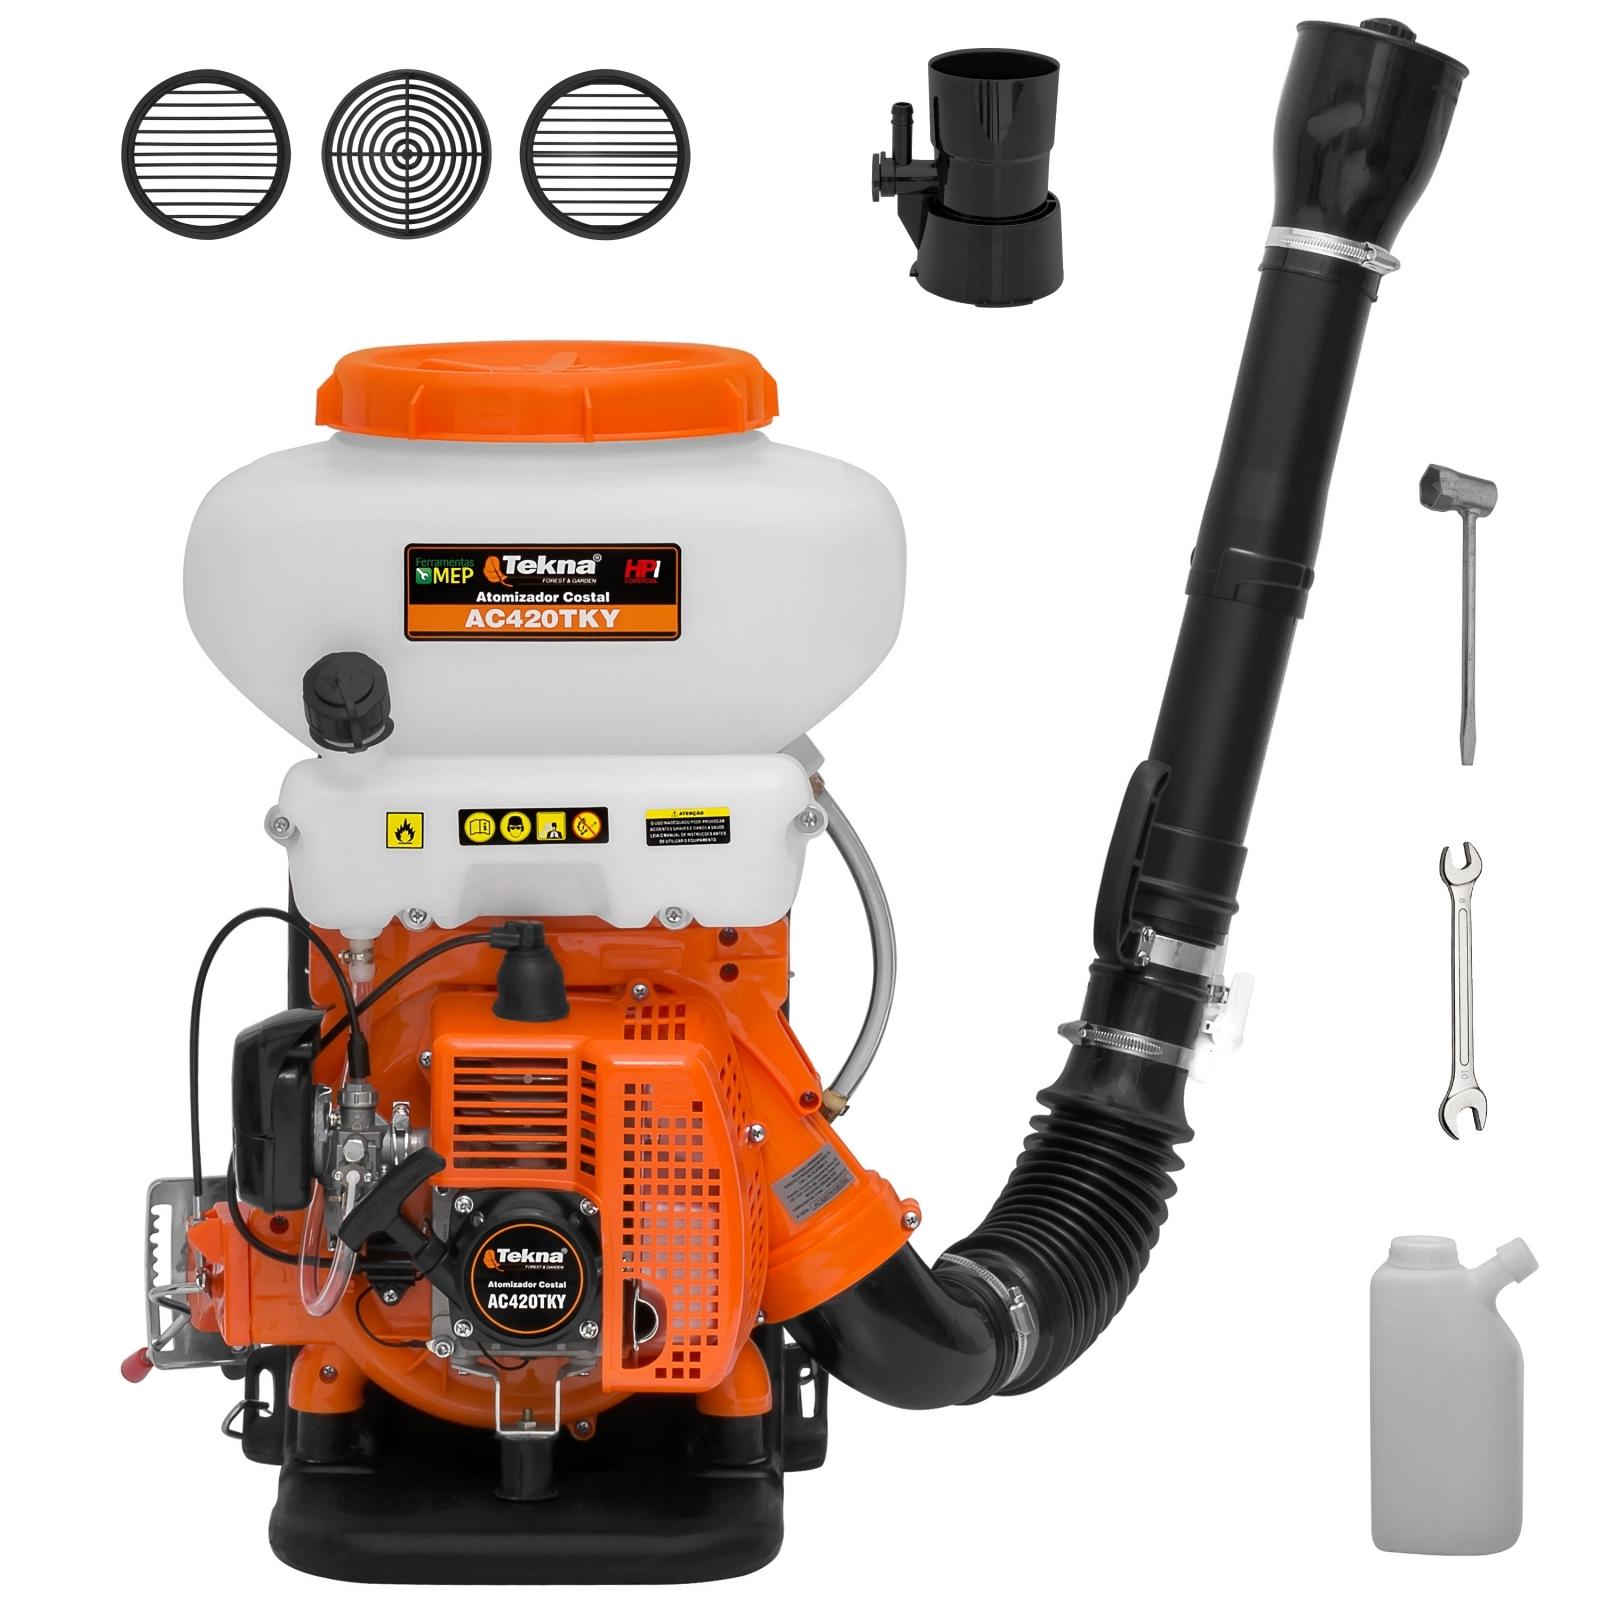 Atomizador Costal A Gasolina Tekna Modelo Ac420tky At2 - Ferramentas MEP